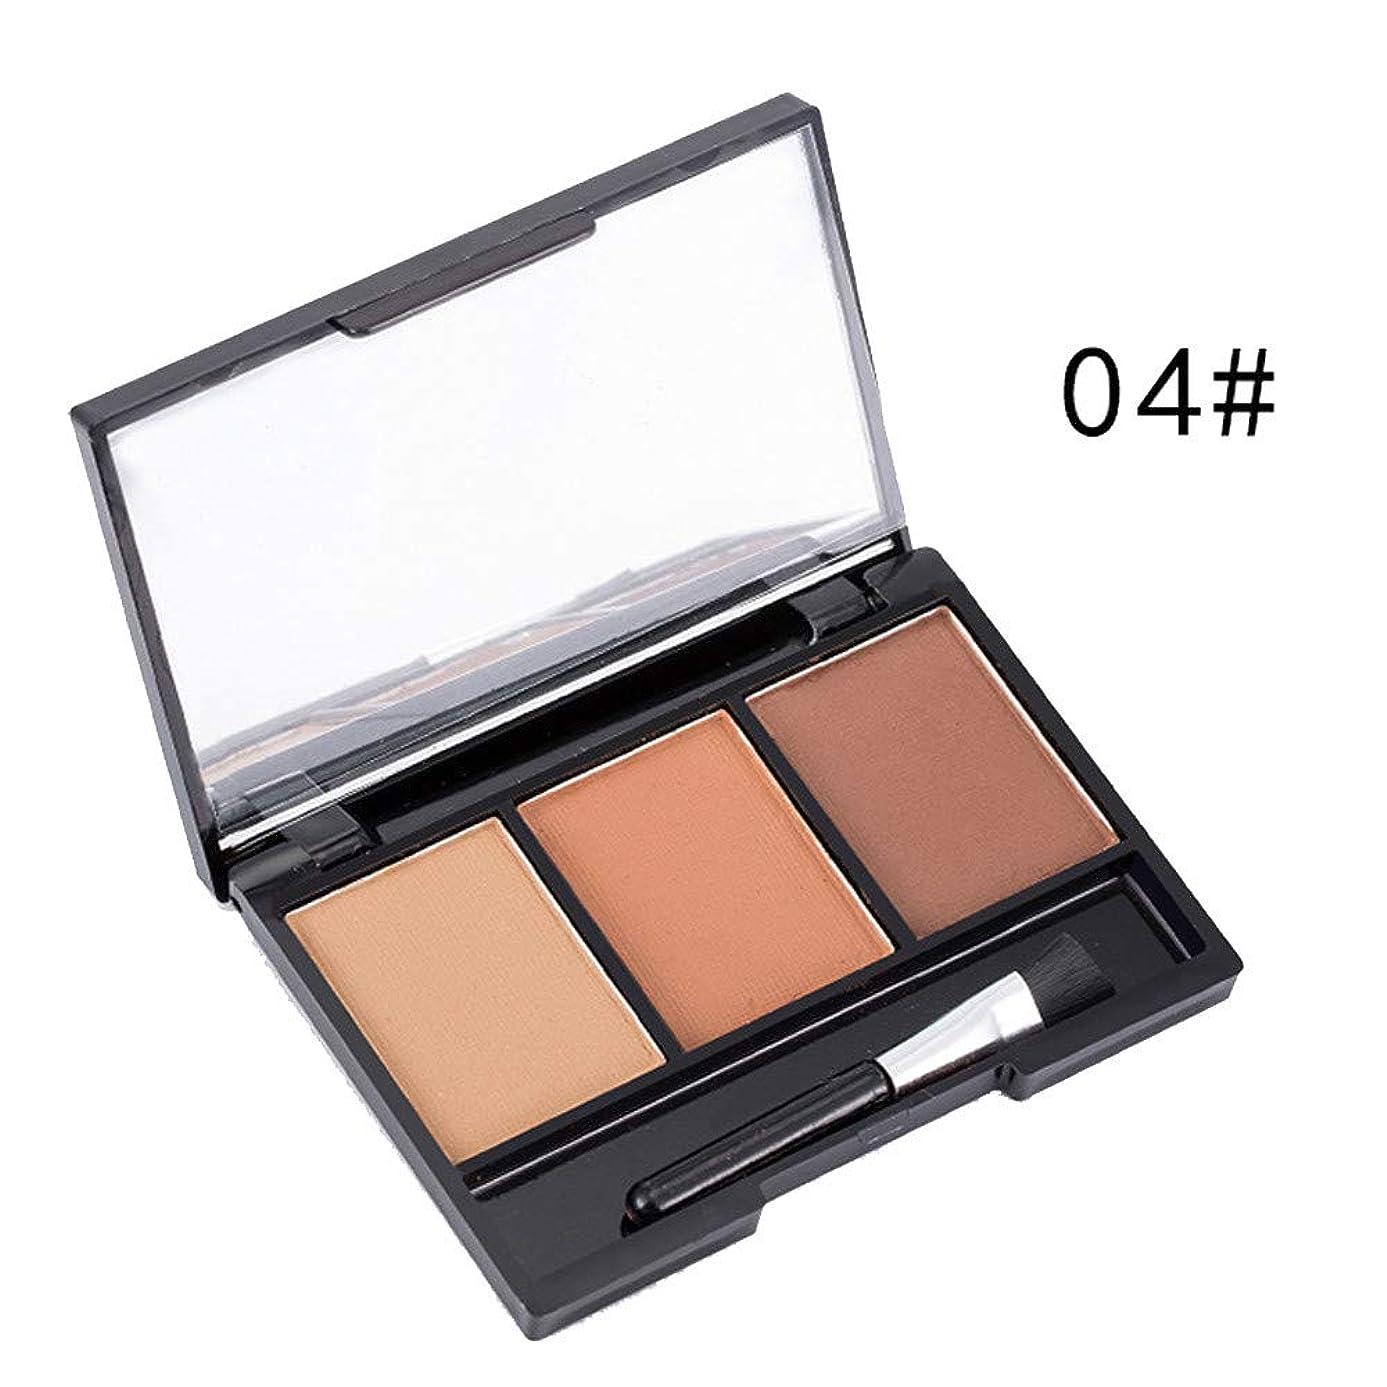 事務所プロトタイプ印象Akane パウダーアイブロウパレット SR MAKE UP 綺麗 人気 ファッション 魅力的 眉 自然 パウダーアイブロウ ぼかしない チャーム 防水 長持ち おしゃれ 持ち便利 Eye Shadow (3色) ES021